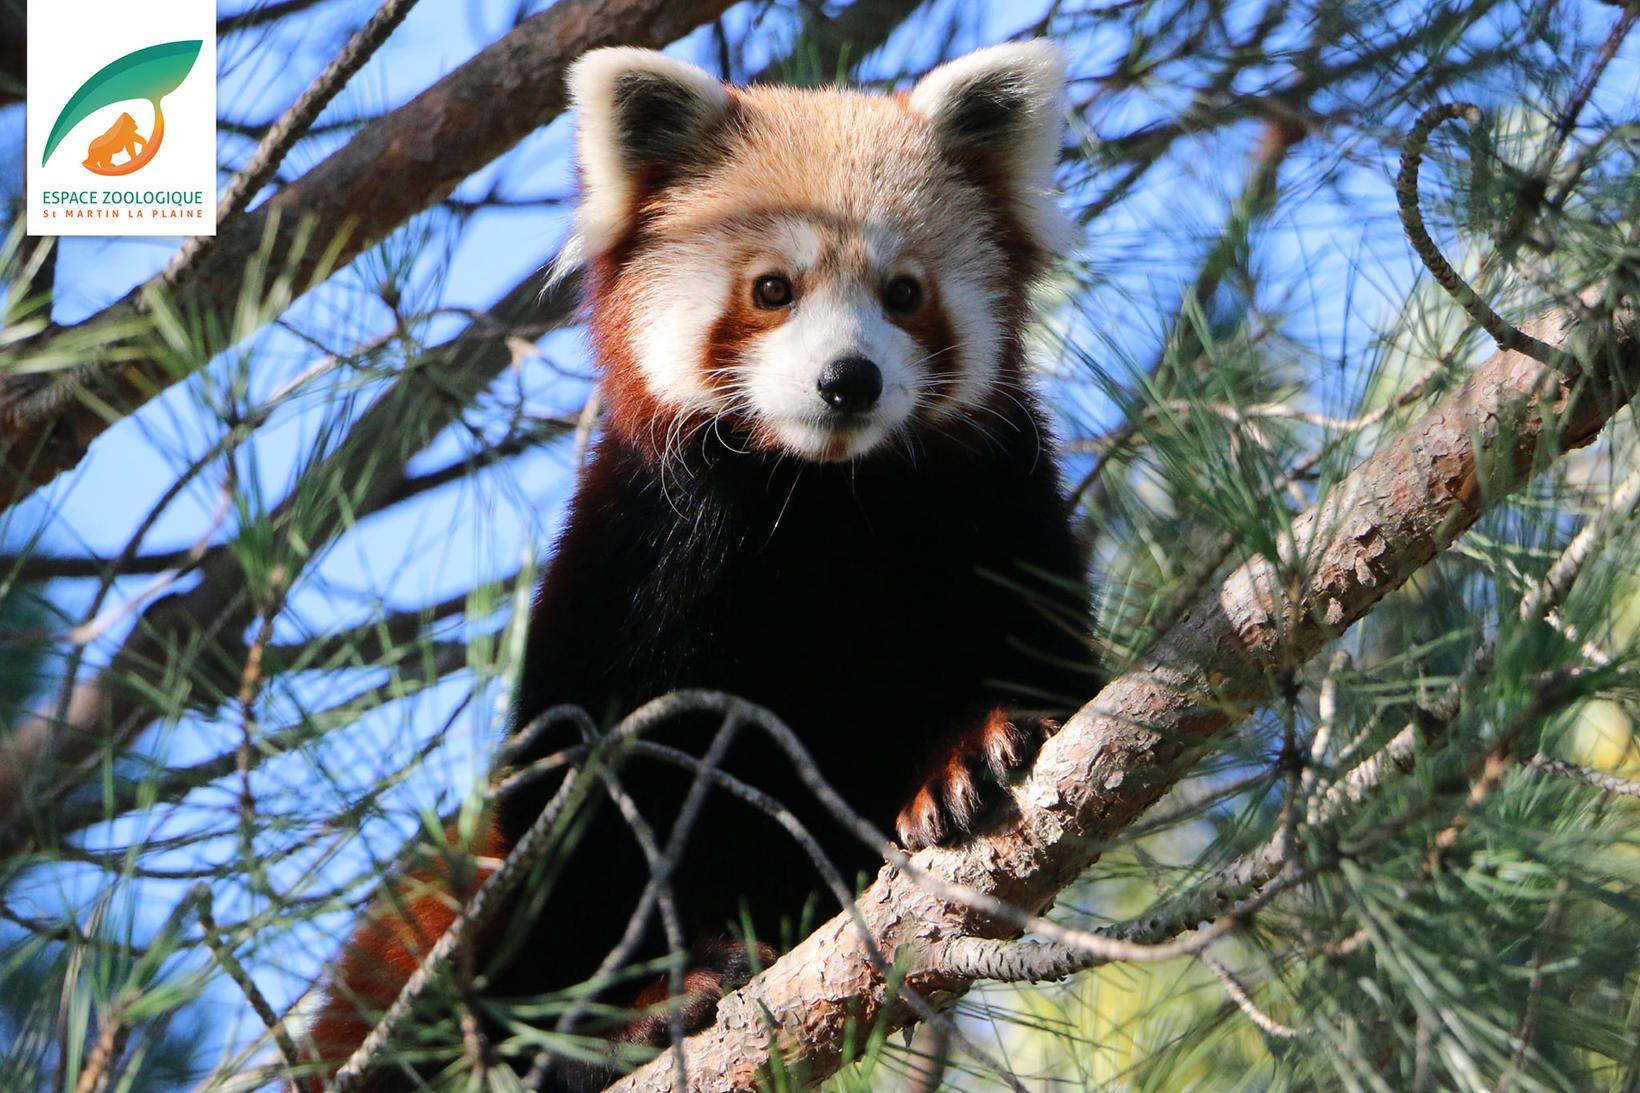 Samkvæmt starfsfólki St Martin la Plaine-dýragarðsins slapp pandabjörninn með því …